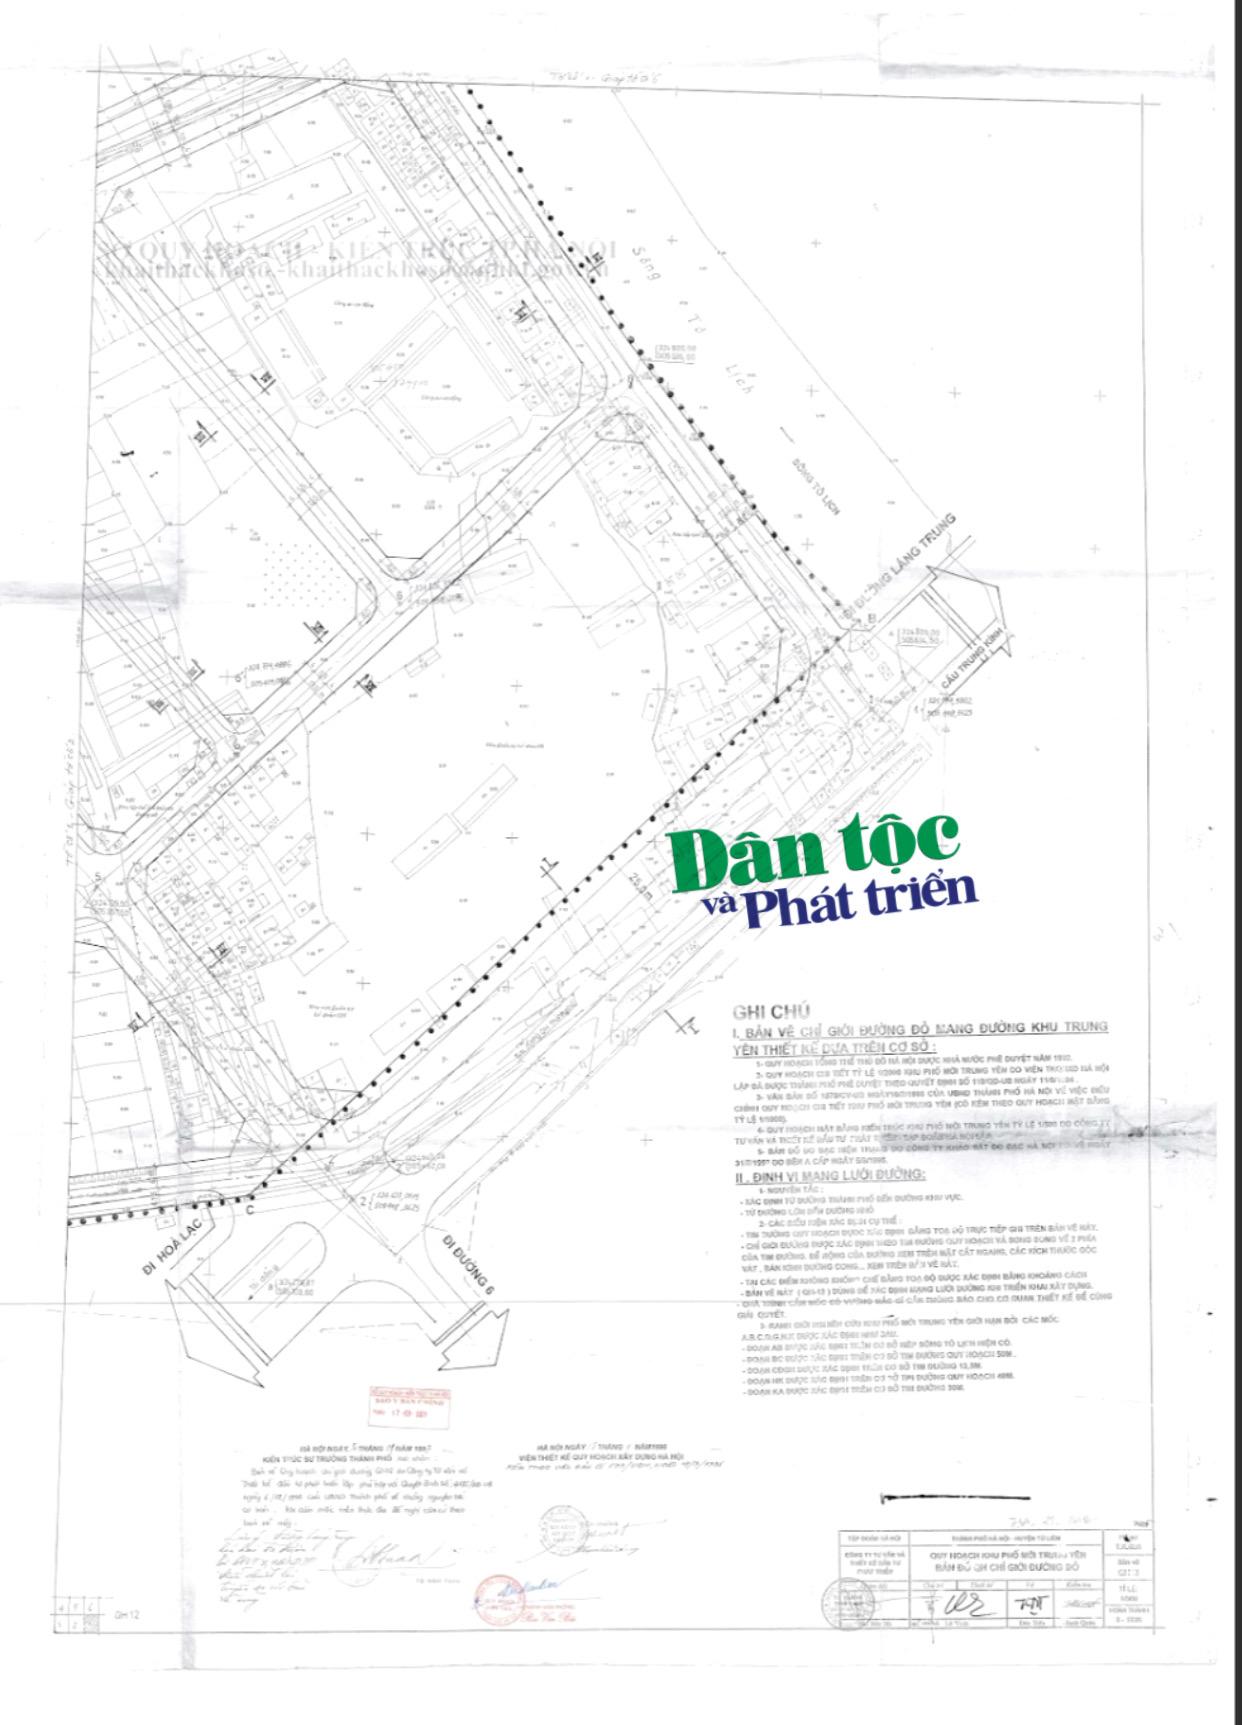 Theo Bản đồ quy hoạch 1/500 thì nhà ông Quý và ông Vệ không thuộc diện thu hồi